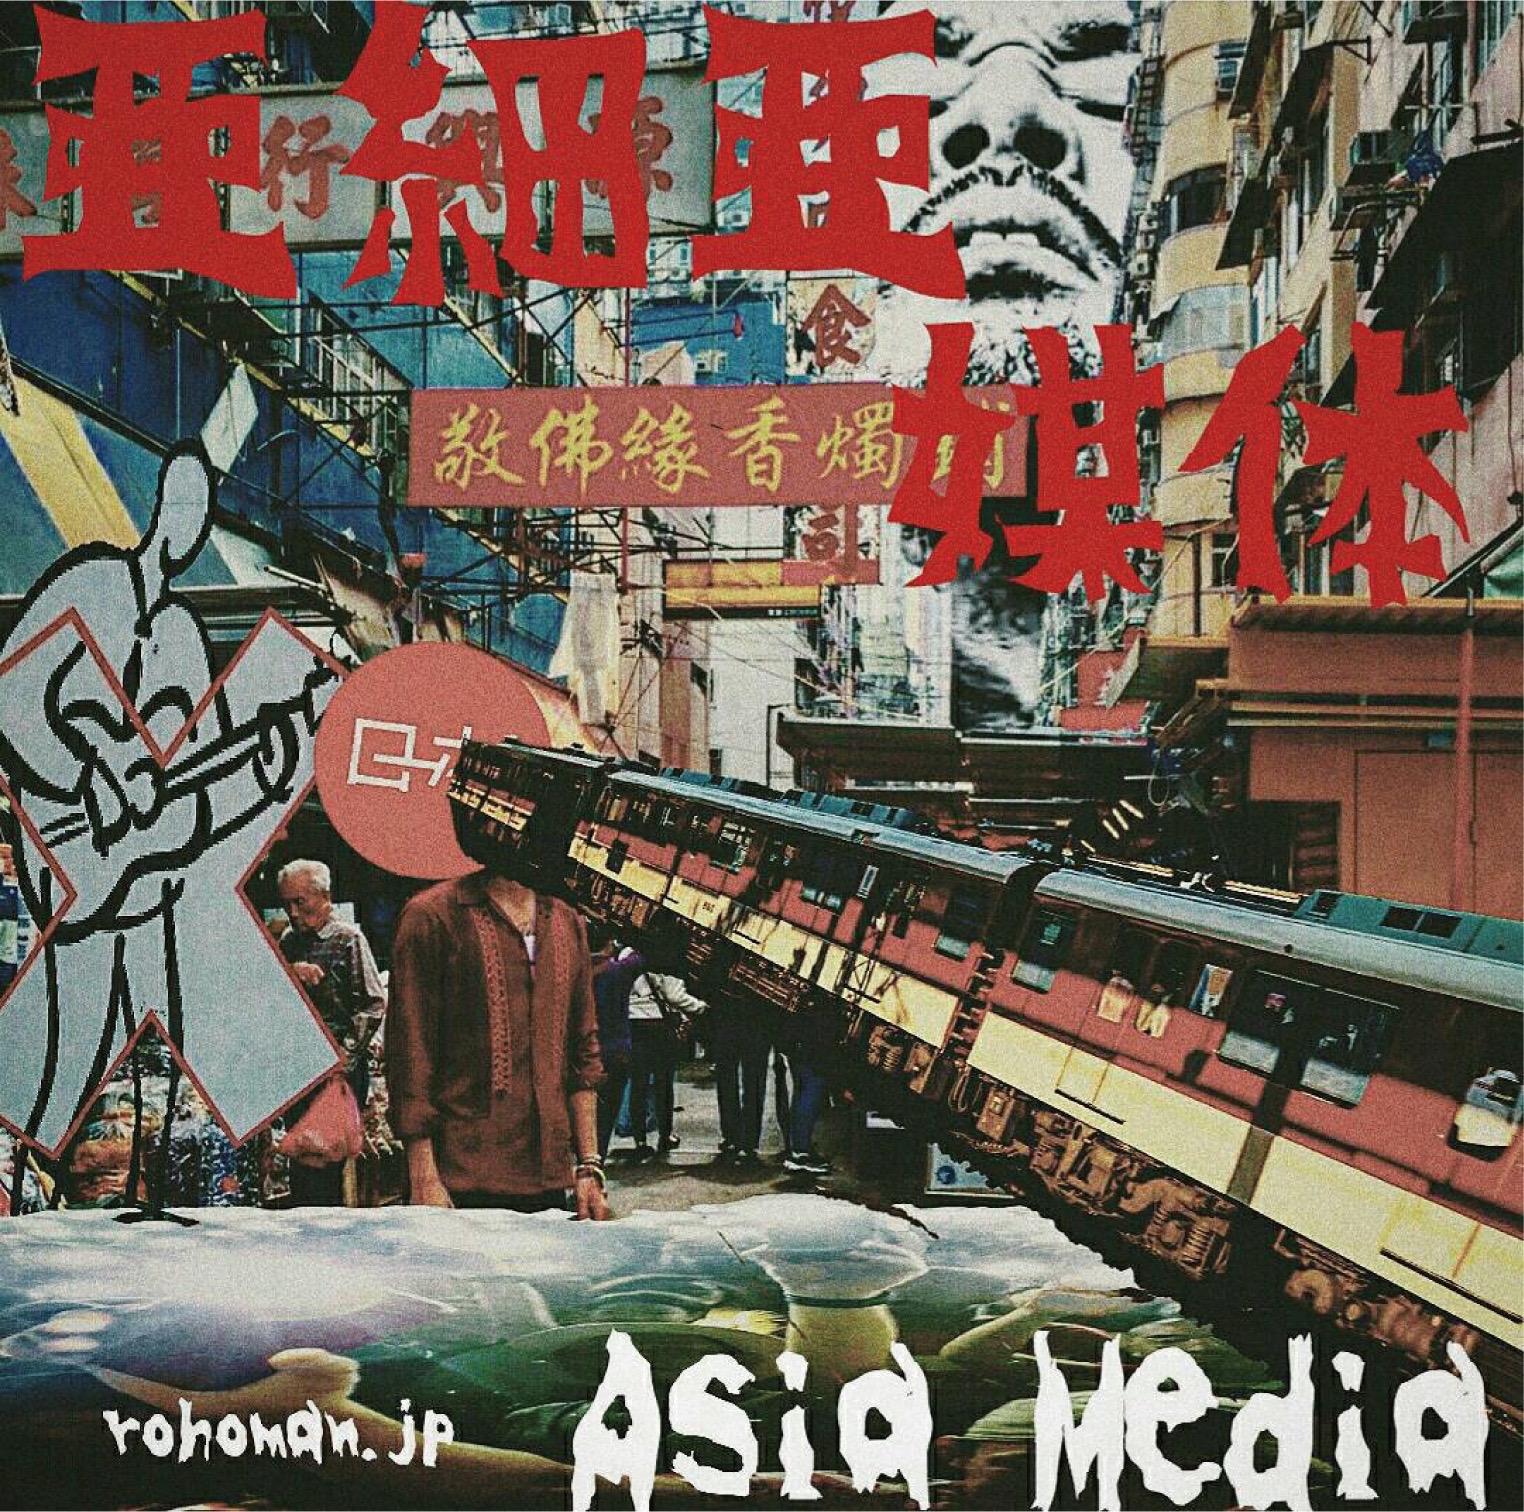 「 ASIA MEDIA 」